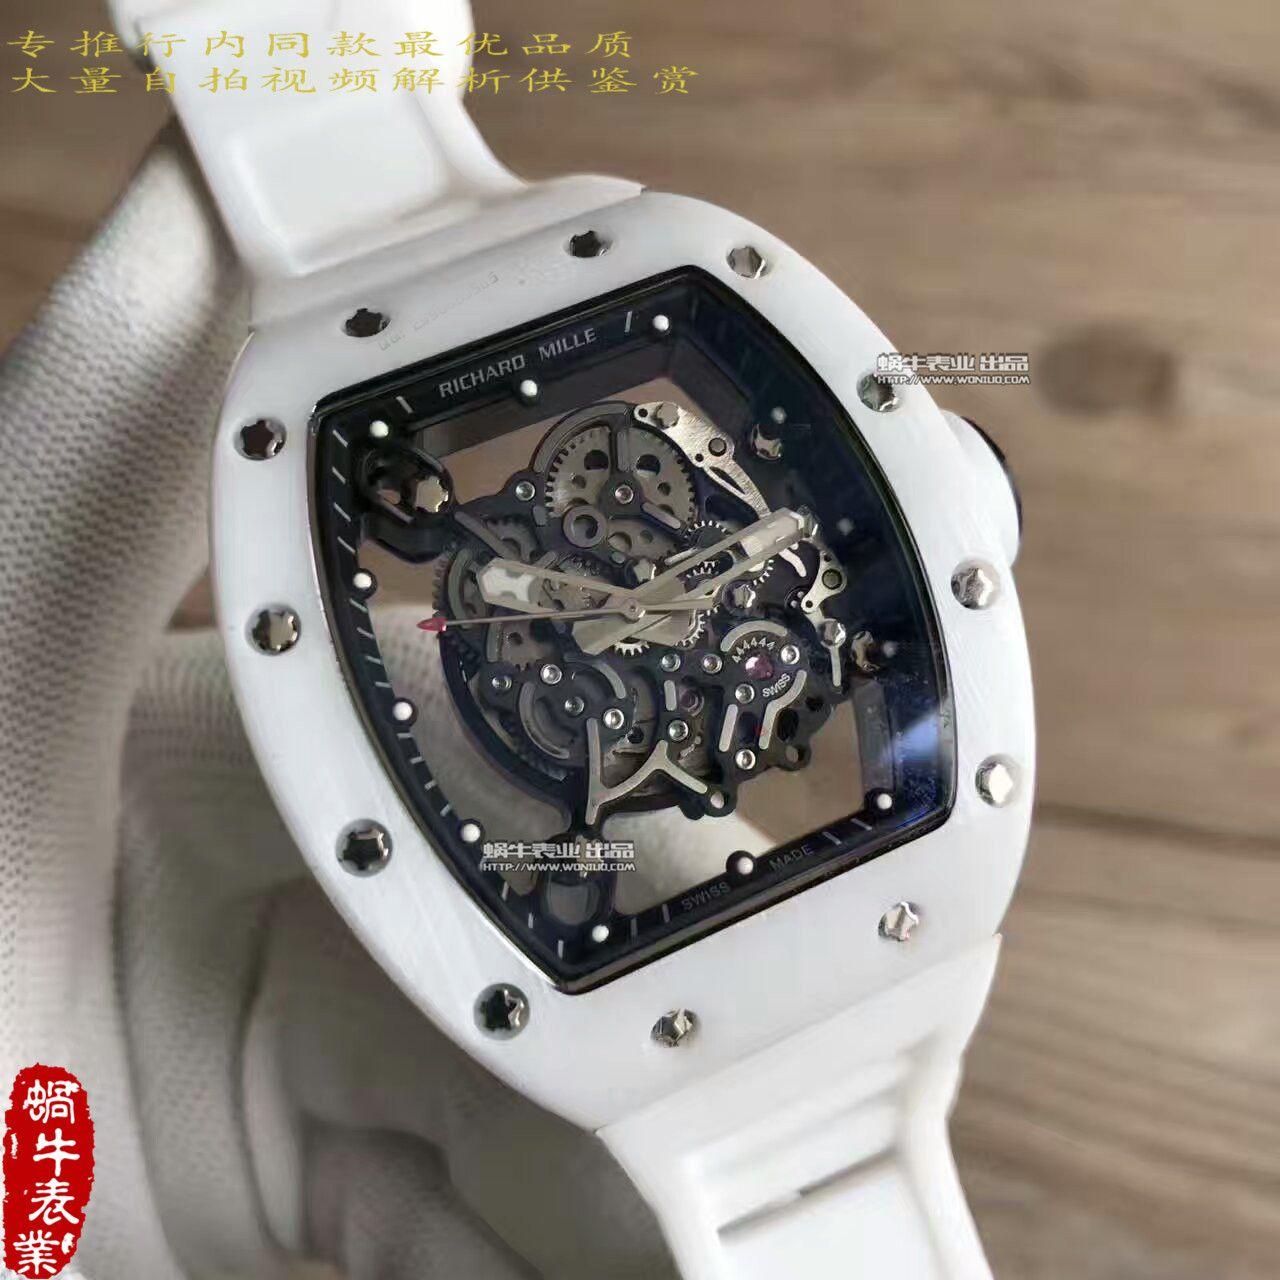 【KV一比一超A精仿手表】理查德.米勒男士系列RM 055腕表 / RM 055